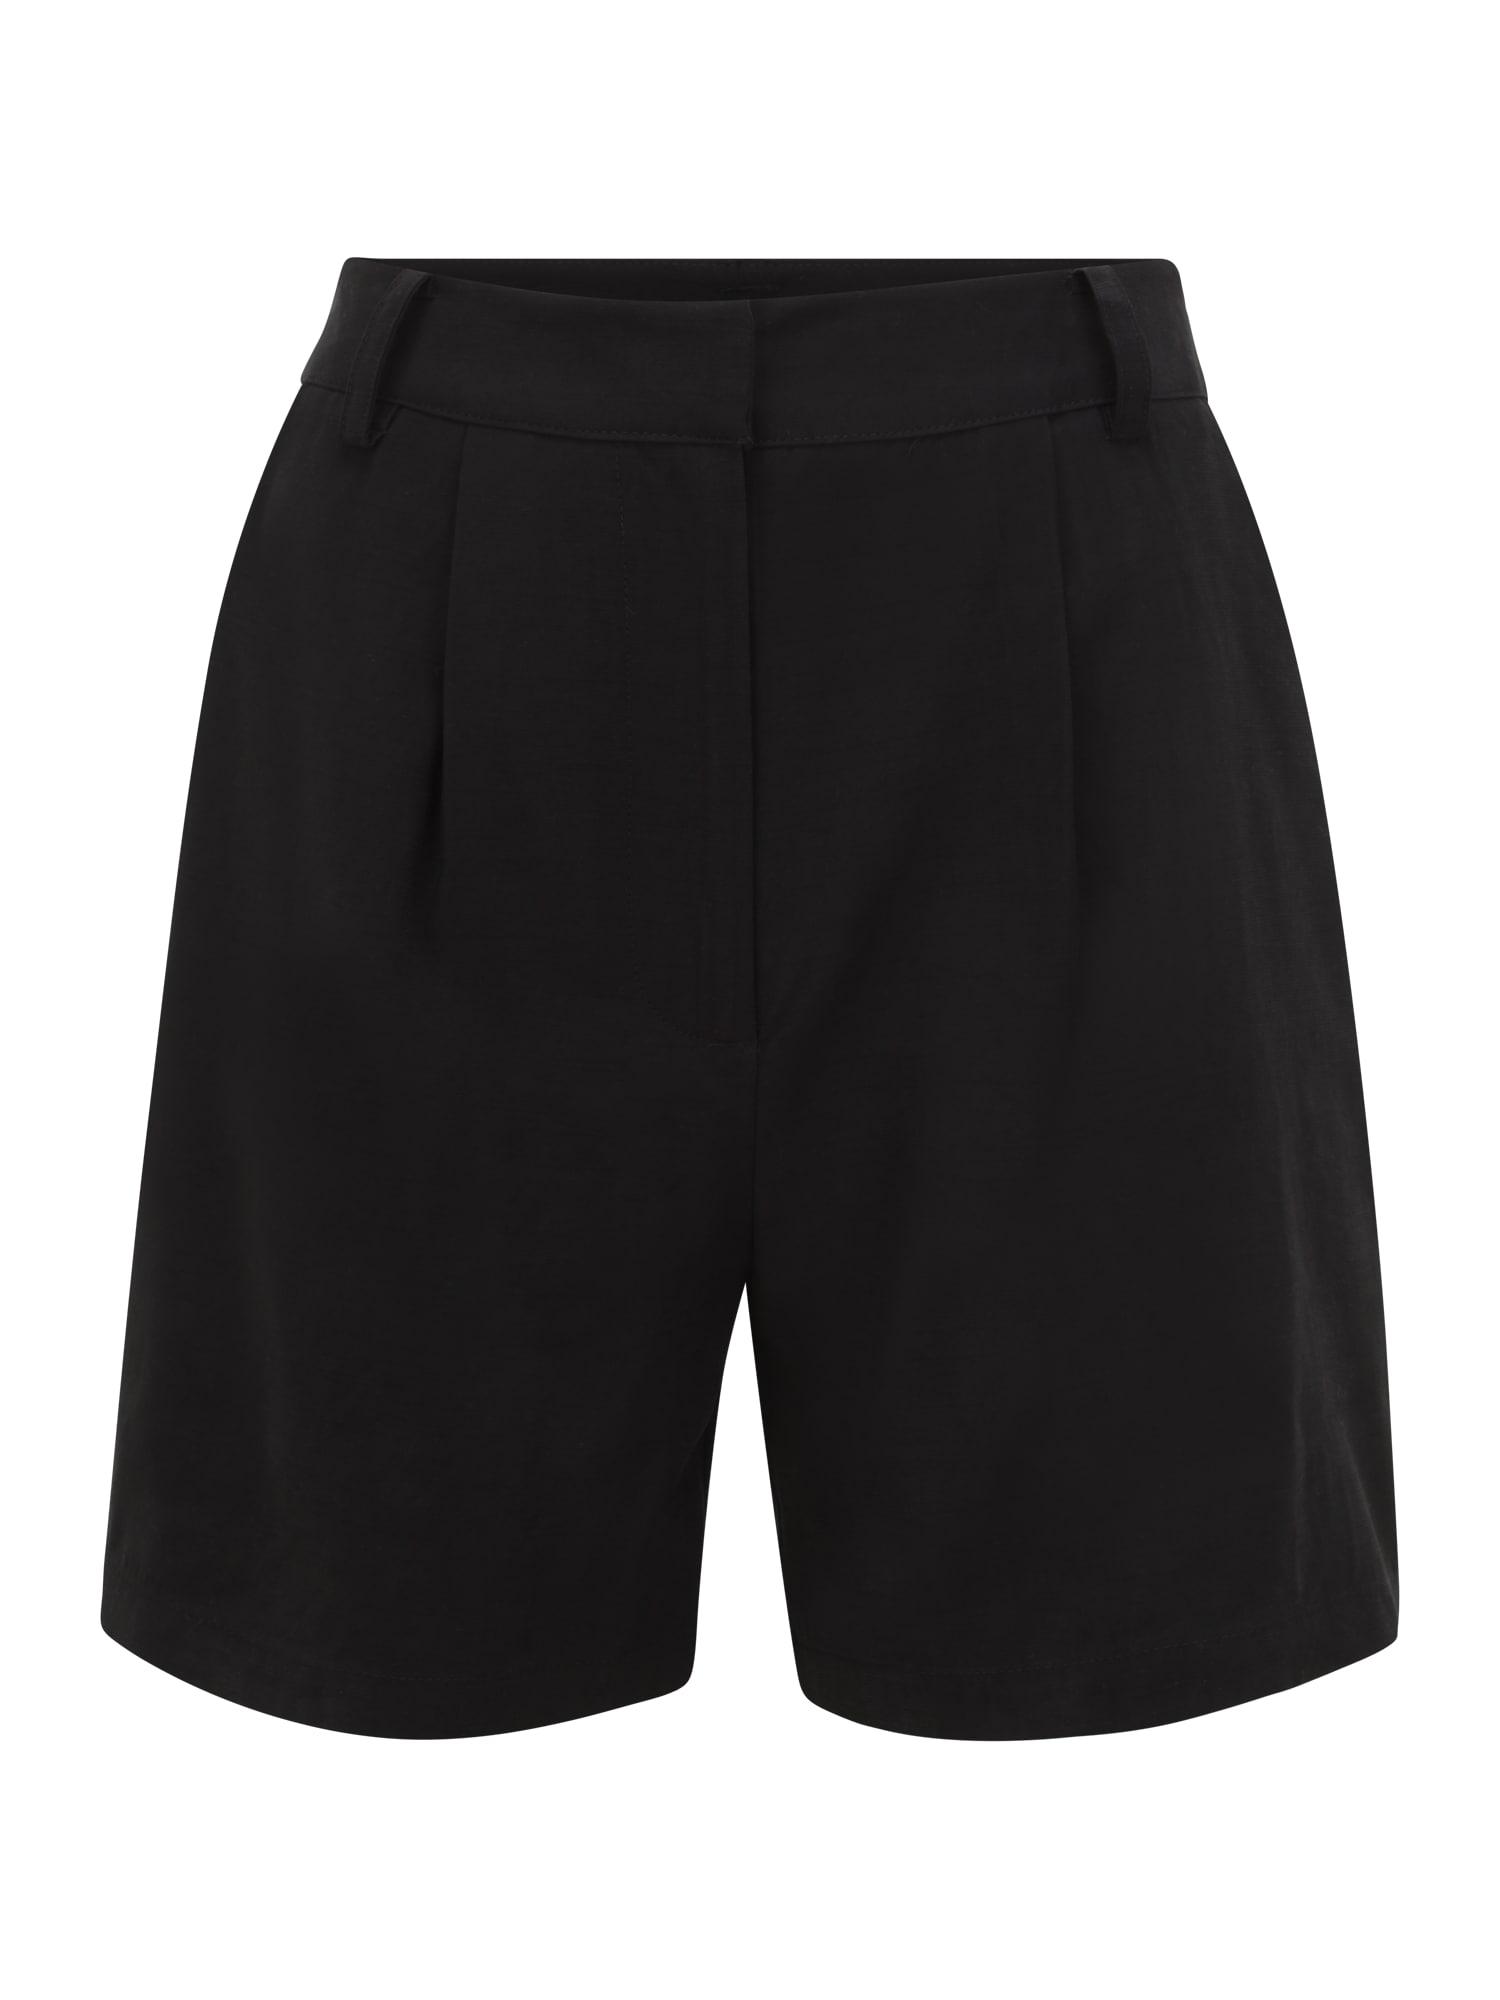 Y.A.S (Petite) Klostuotos kelnės